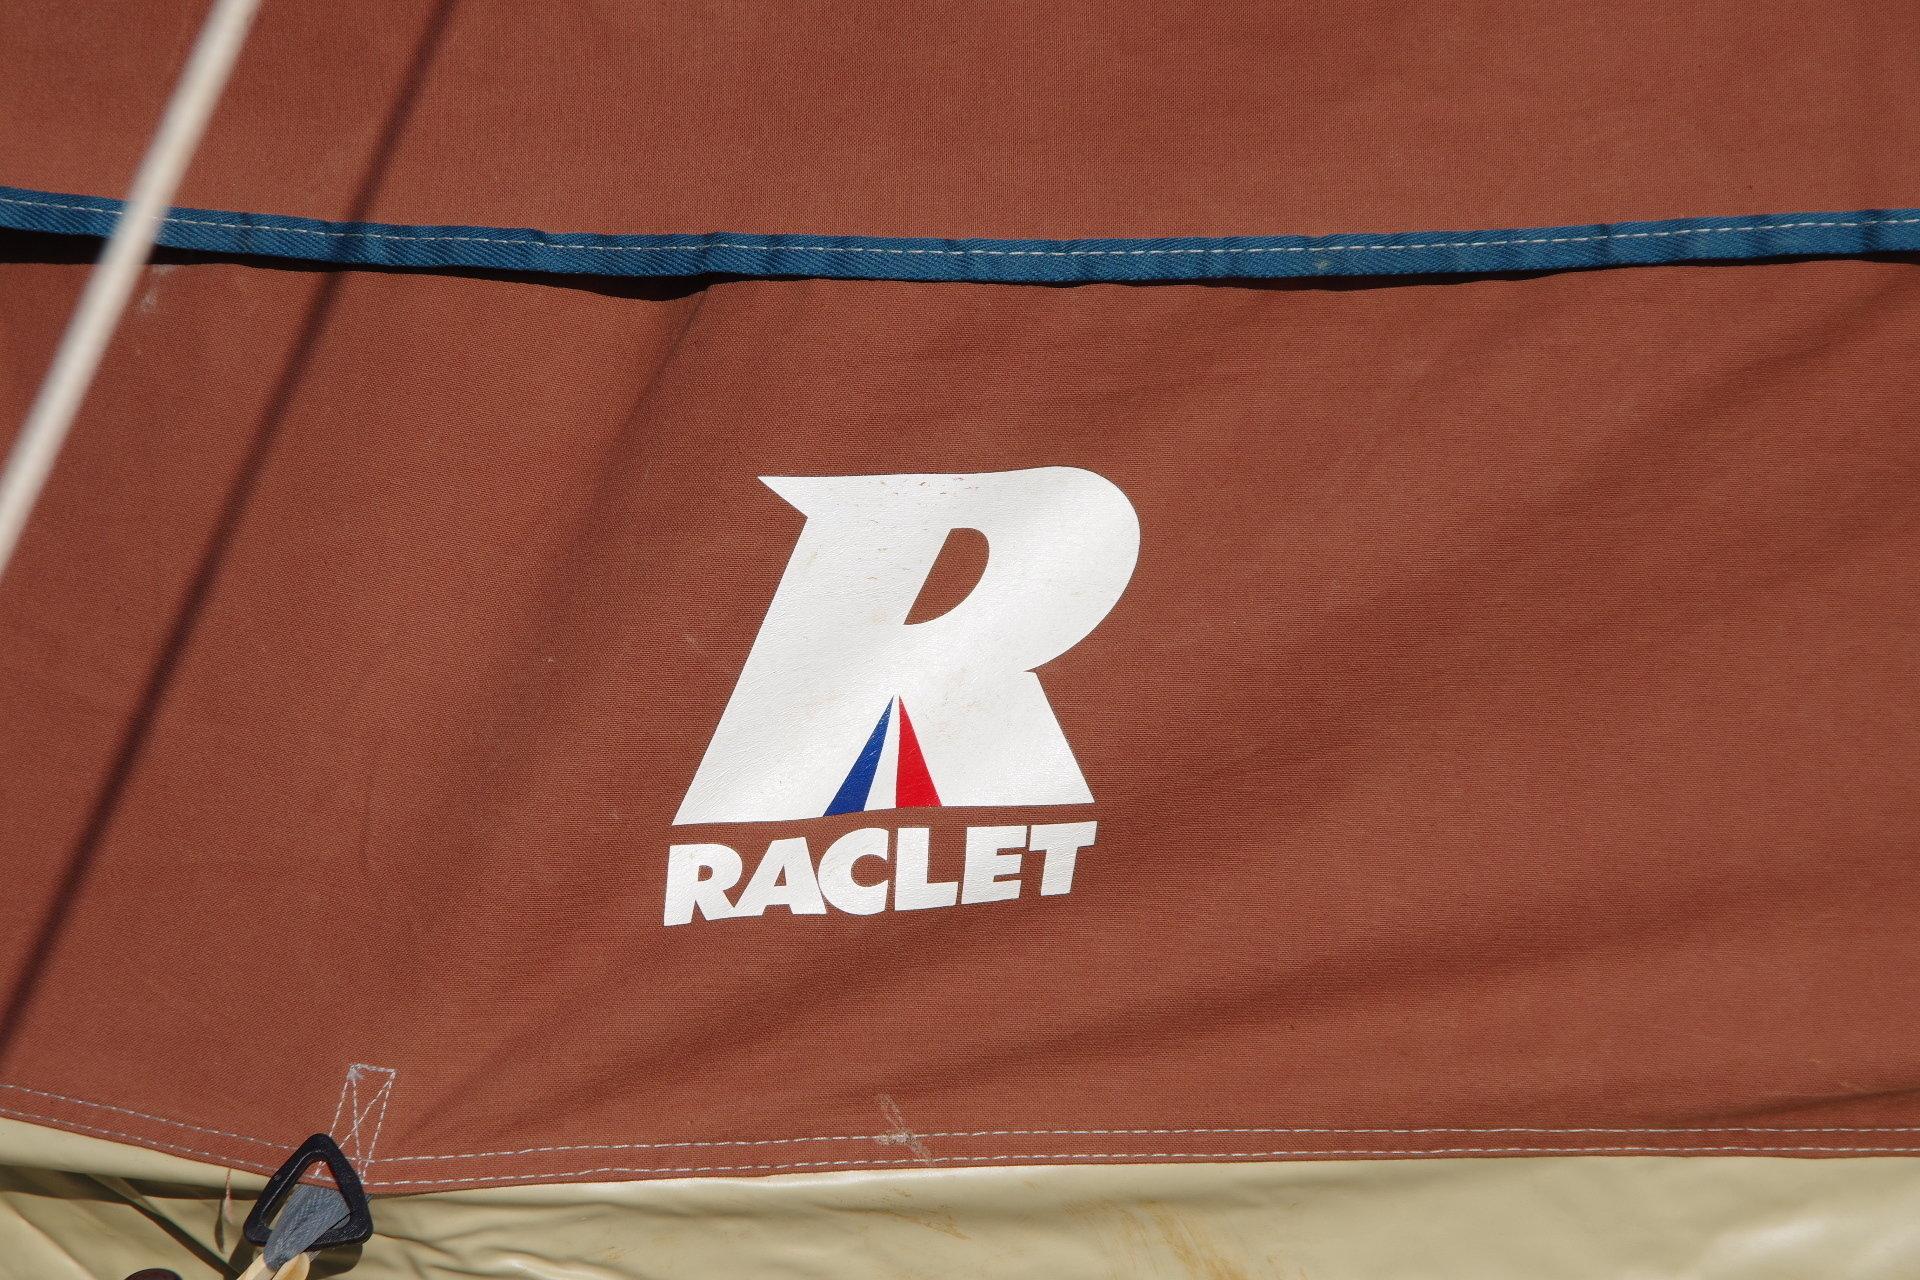 ラクレ フルコットン ピラミッドタイプ 4人用 ヴィンテージ幕 フレームテント Racretイプ 4人用